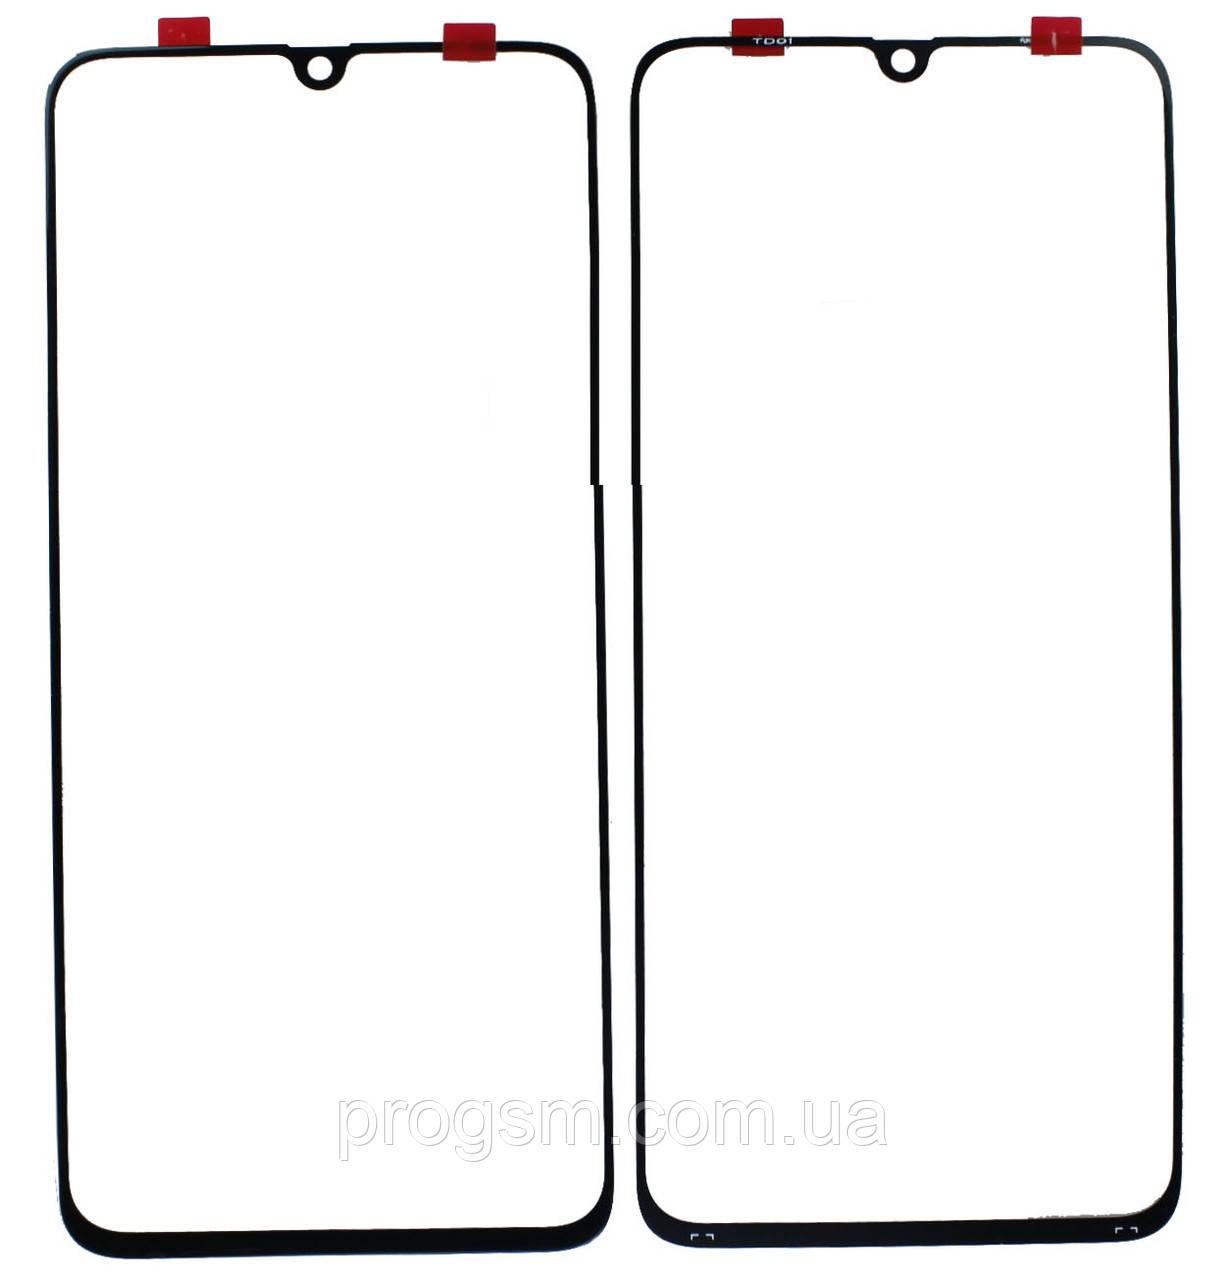 Стекло дисплея Samsung Galaxy A70 SM-A705 (2019) для переклейки Black